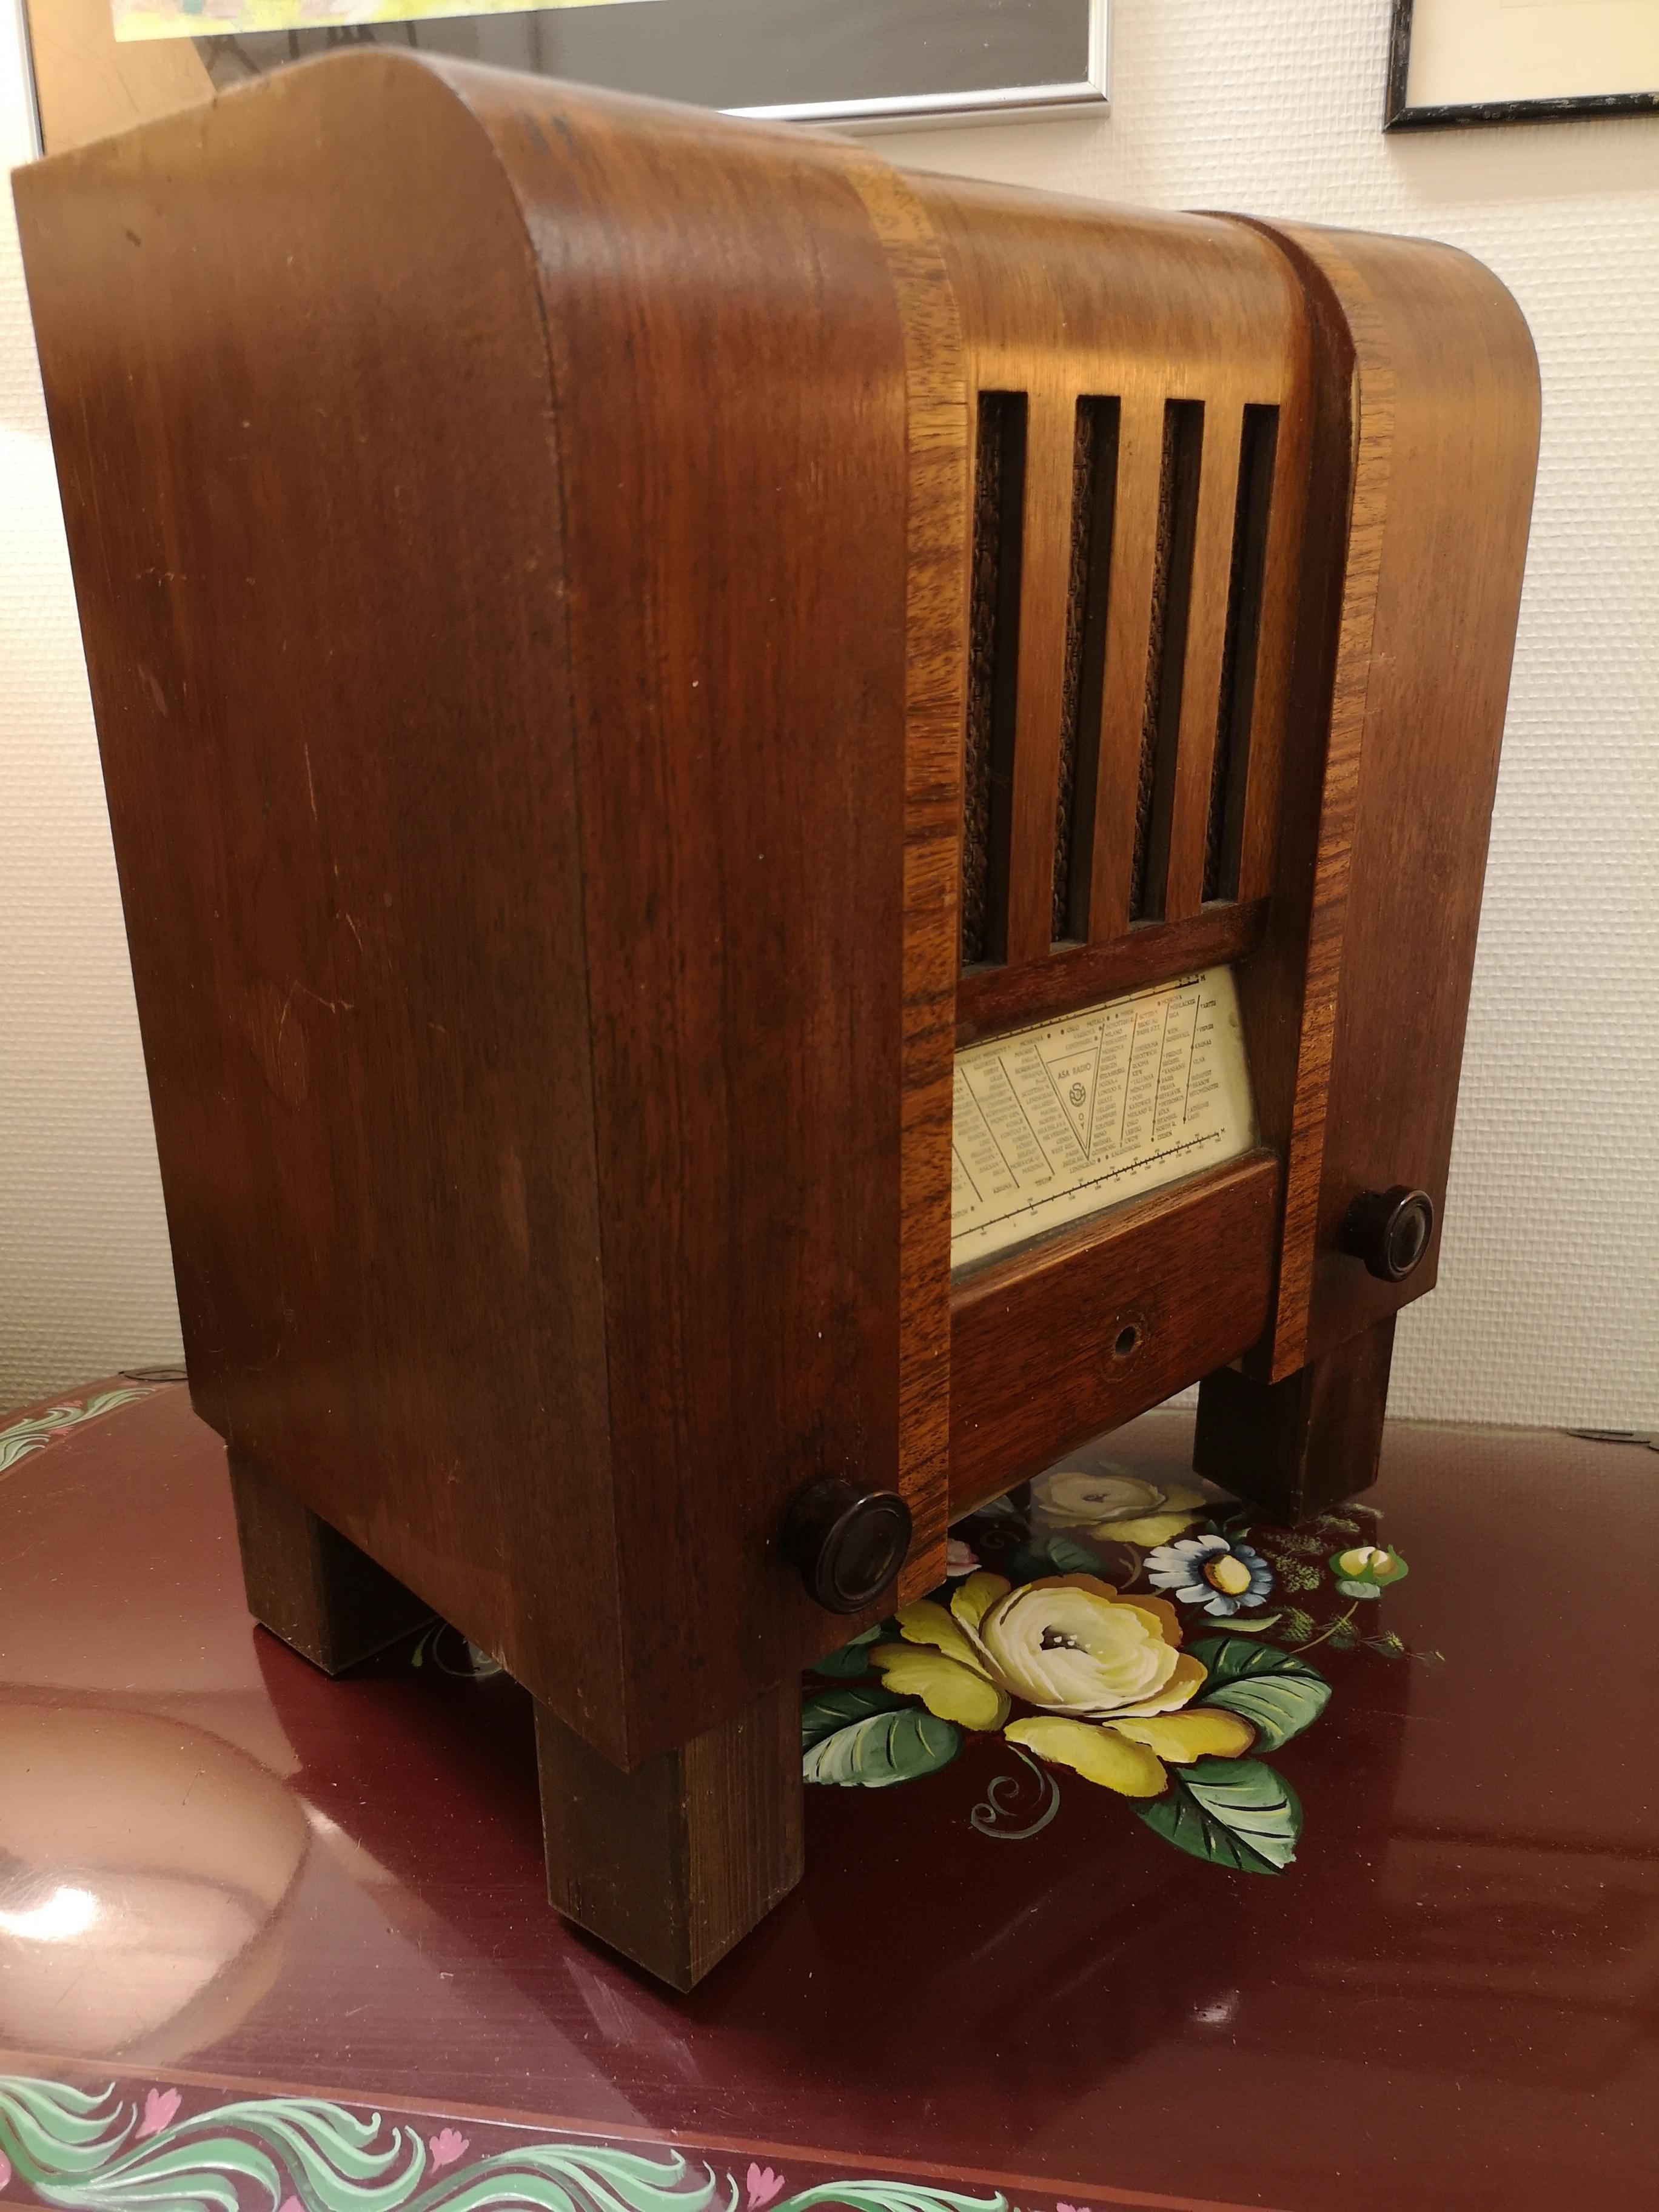 Vanha radio sisustukseen